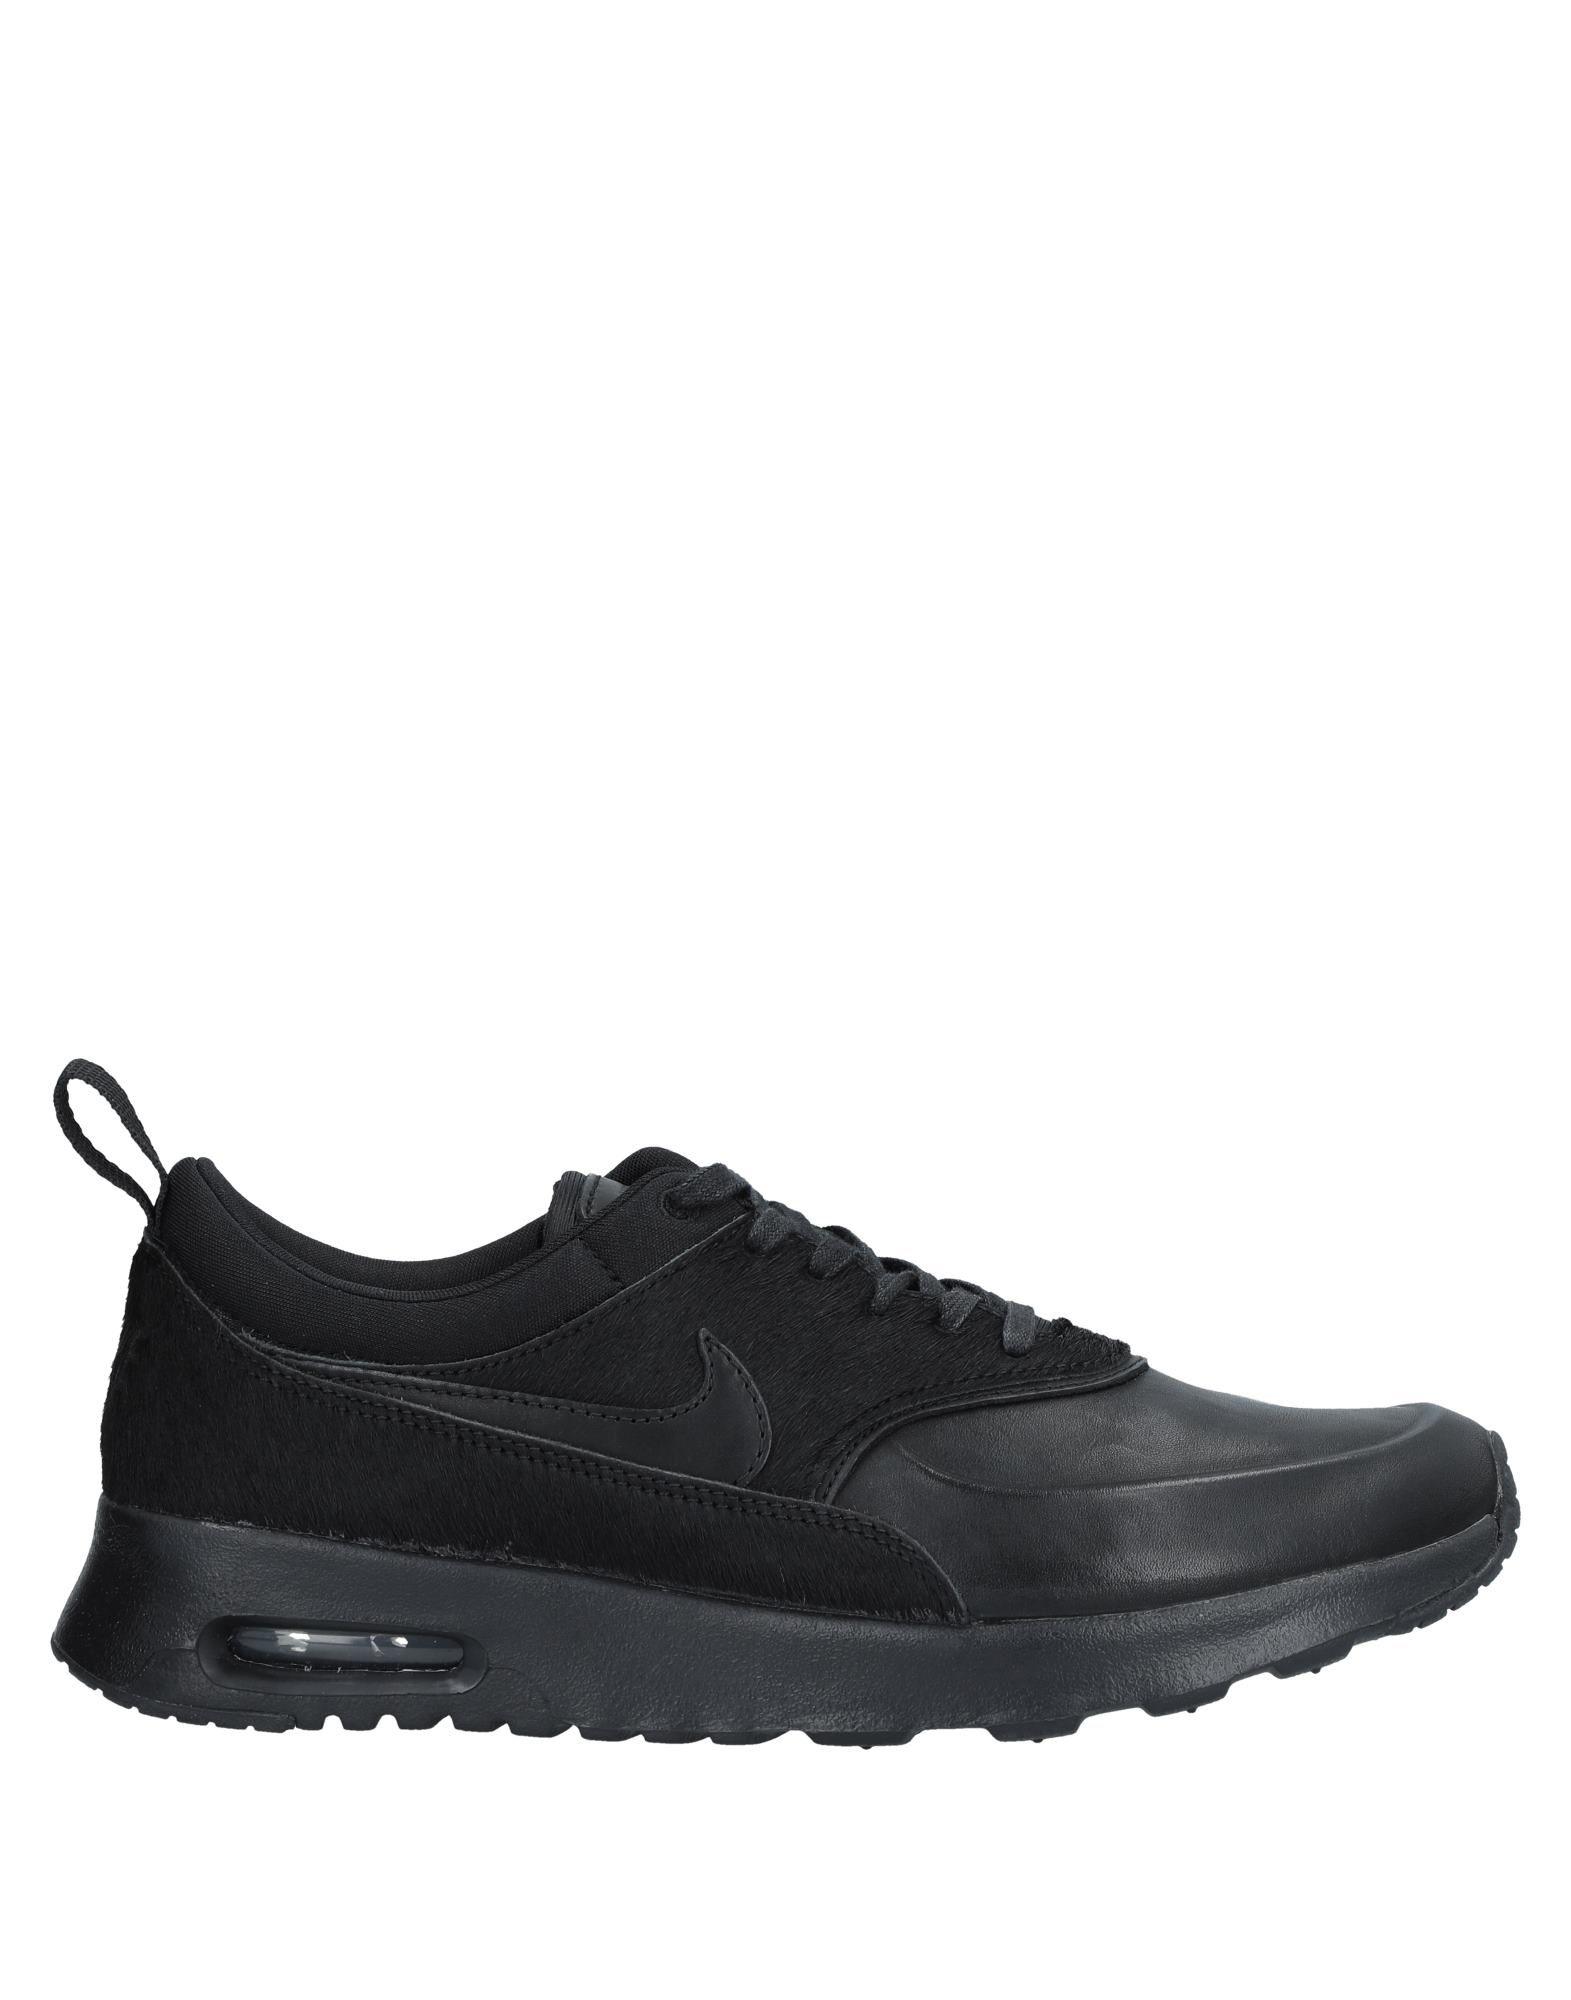 A buon mercato Sneakers Nike Donna - 11539114HL